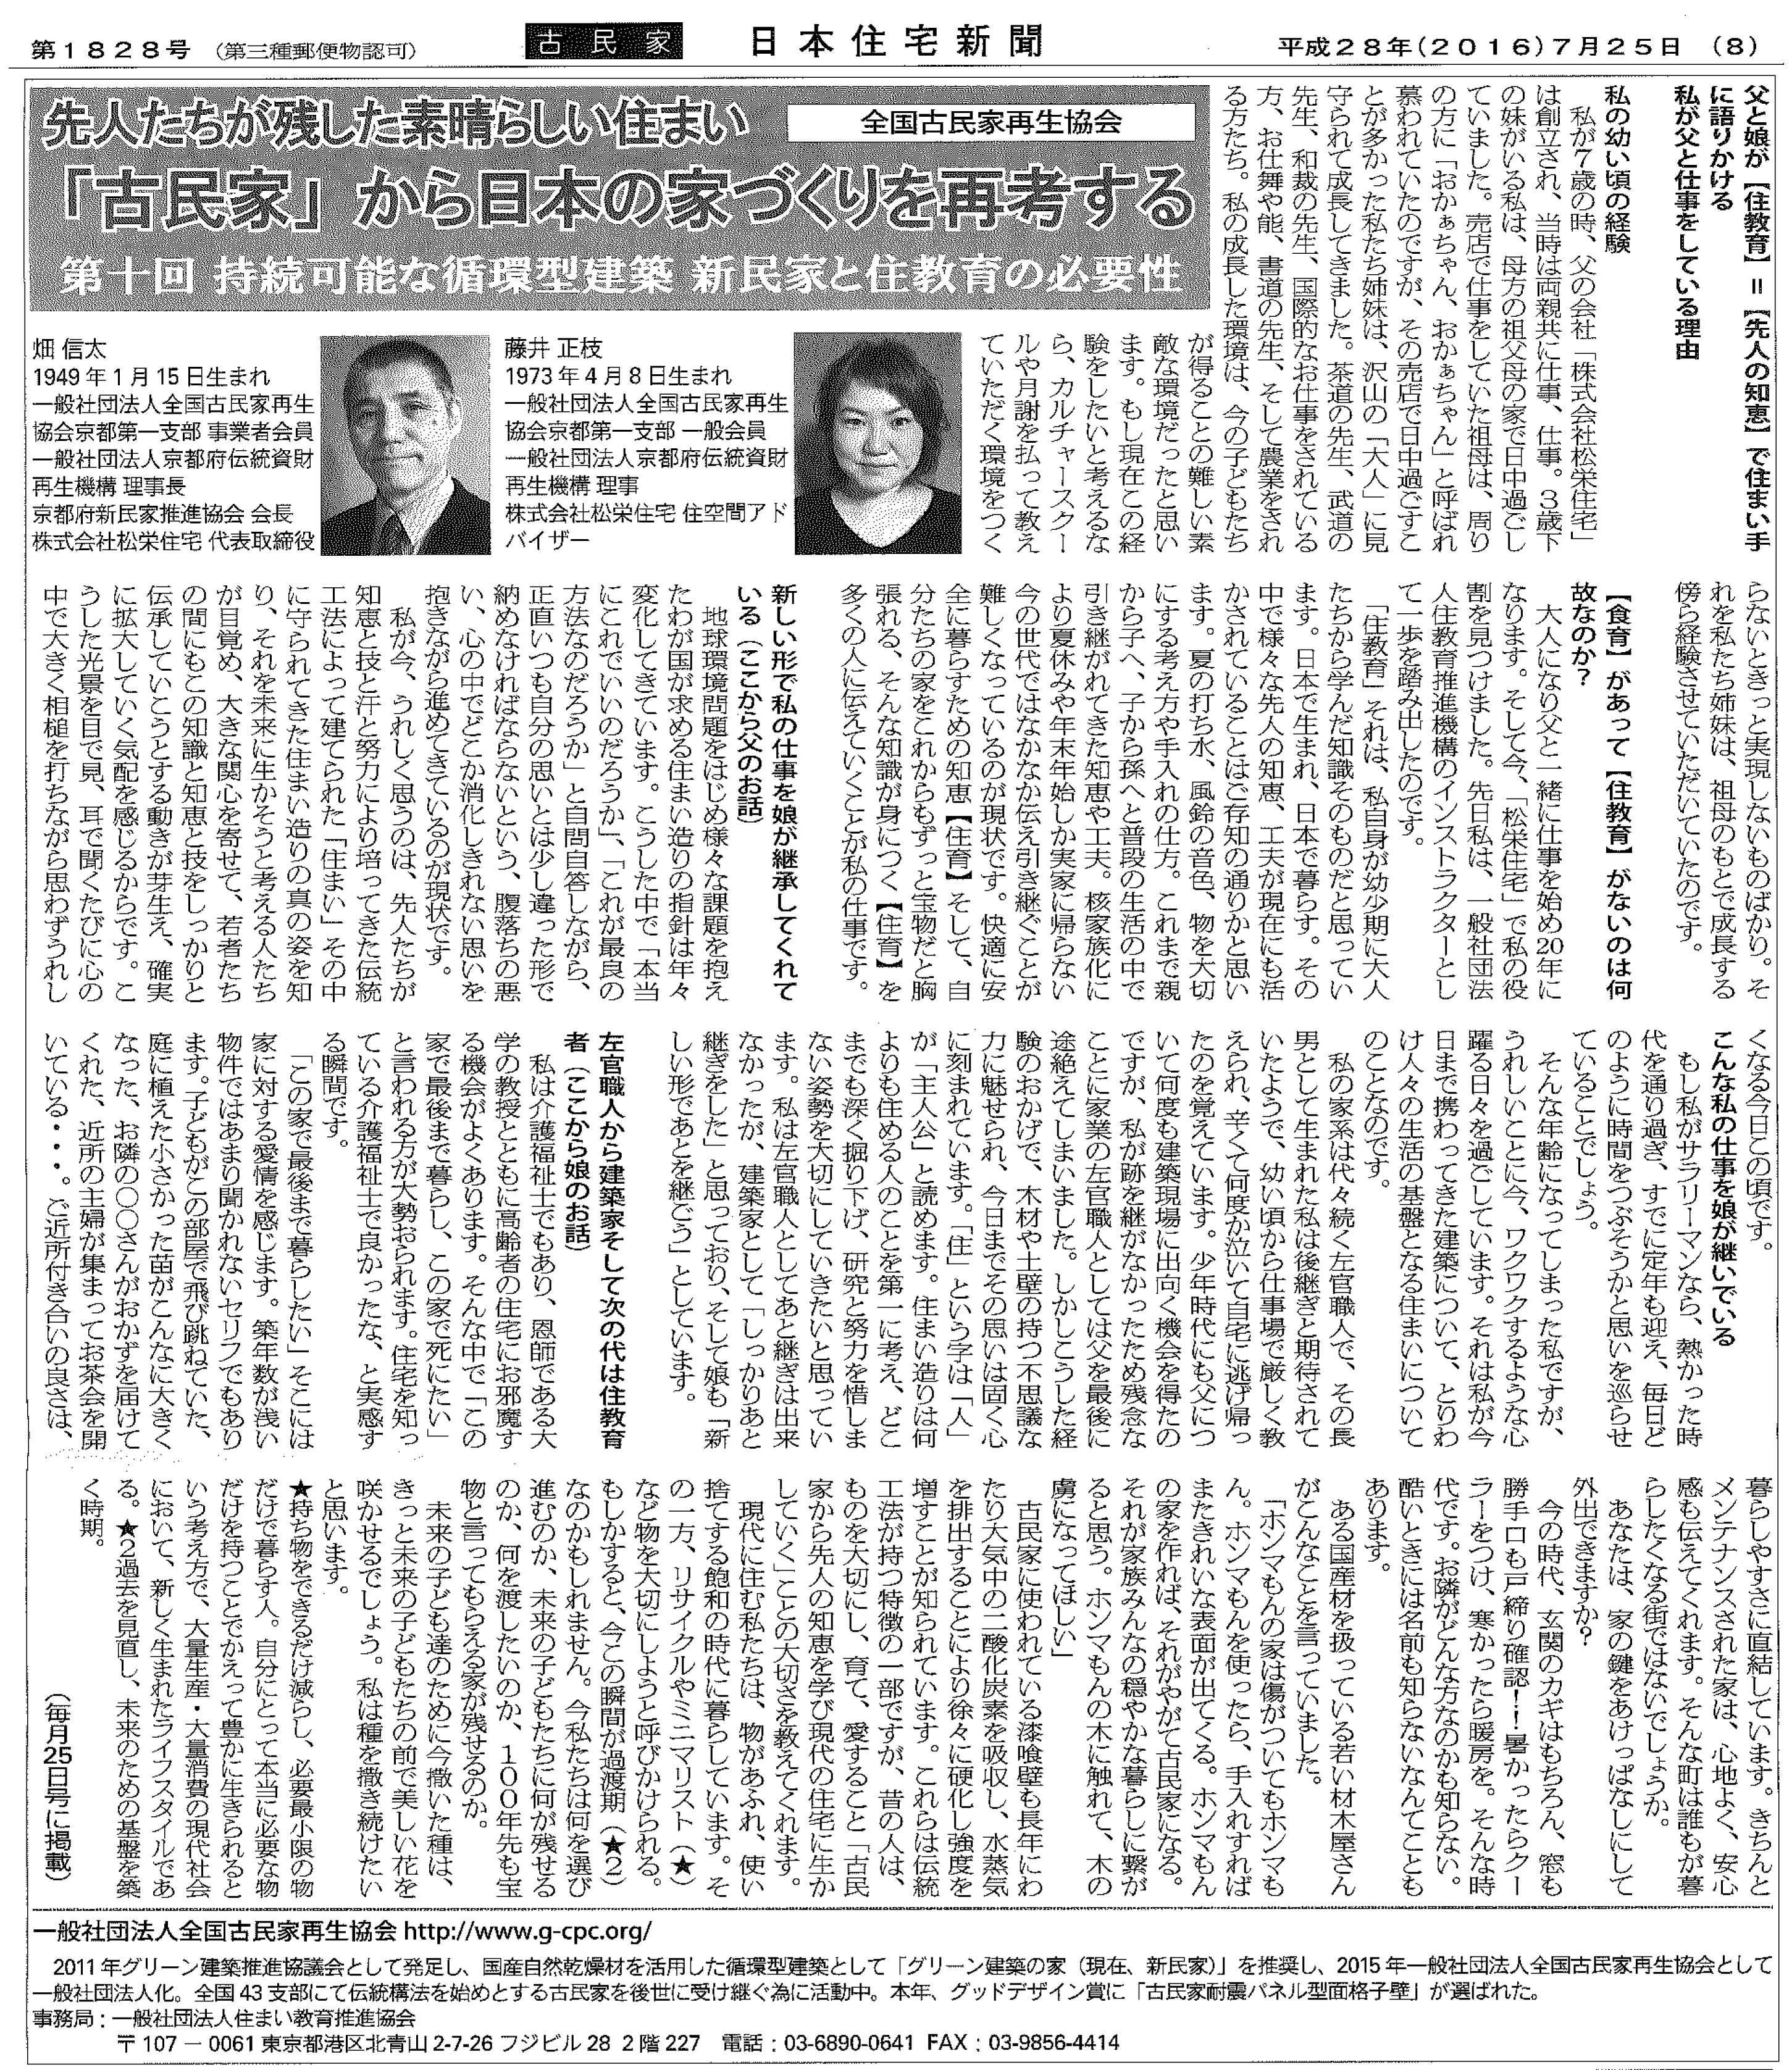 先人たちが残した素晴らしい住まい 「古民家」から日本の家づくりを再考する